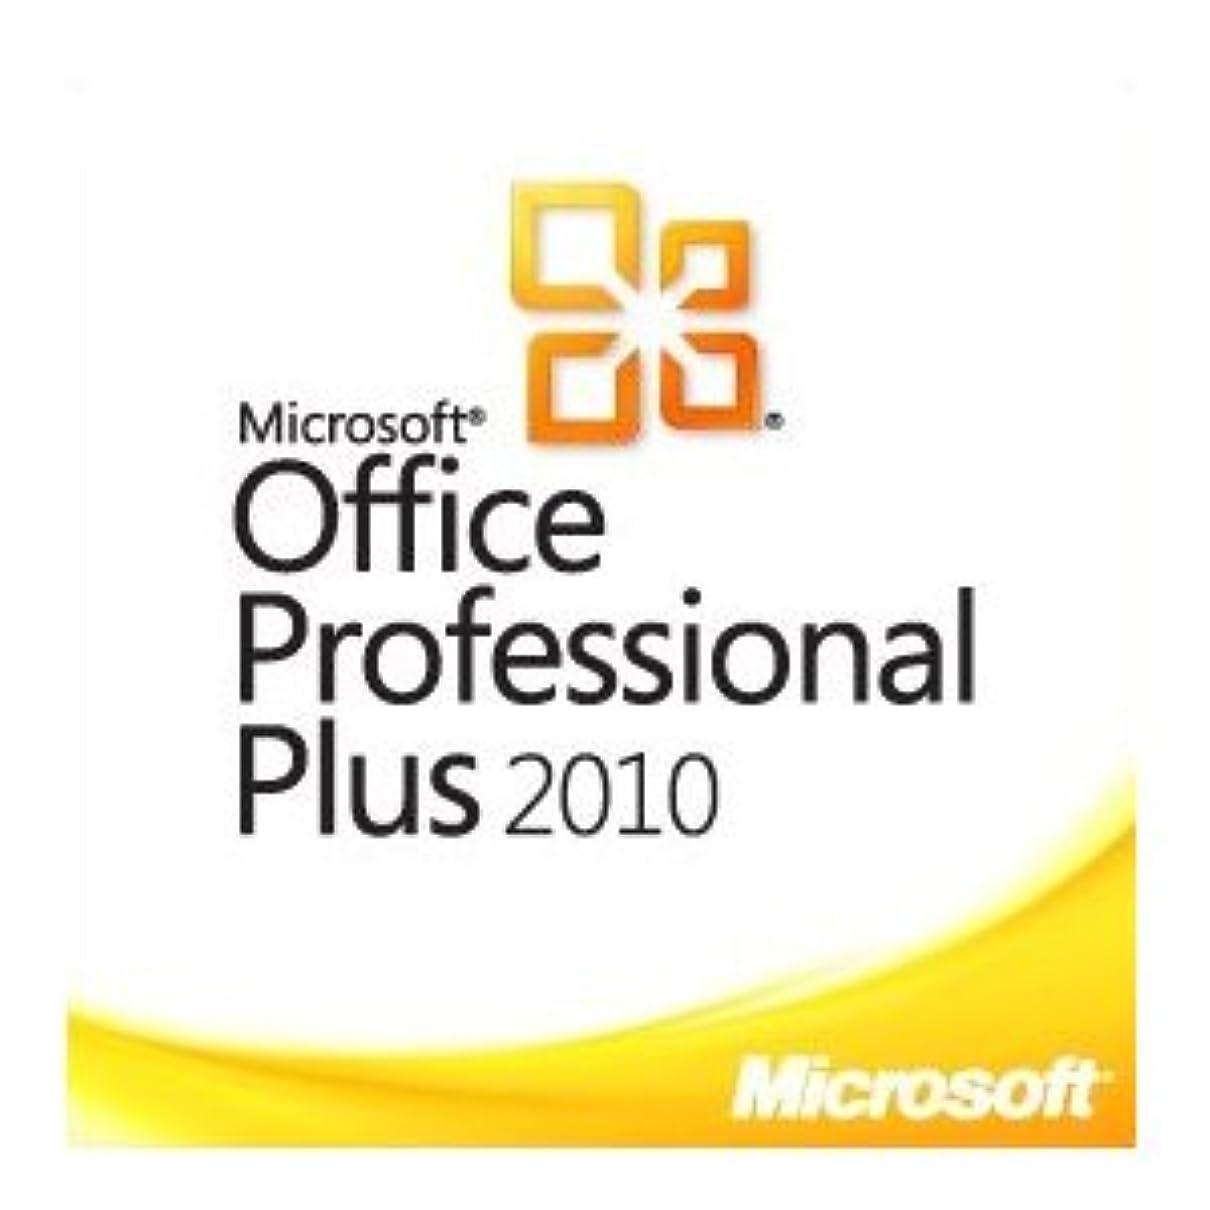 ビクター迷信勉強する【レビューを書くと無料プレゼント】【正規ライセンス】Microsoft Office 2010 Professional Plus日本語ダウンロード版 2台PC 認証保証 メール速送